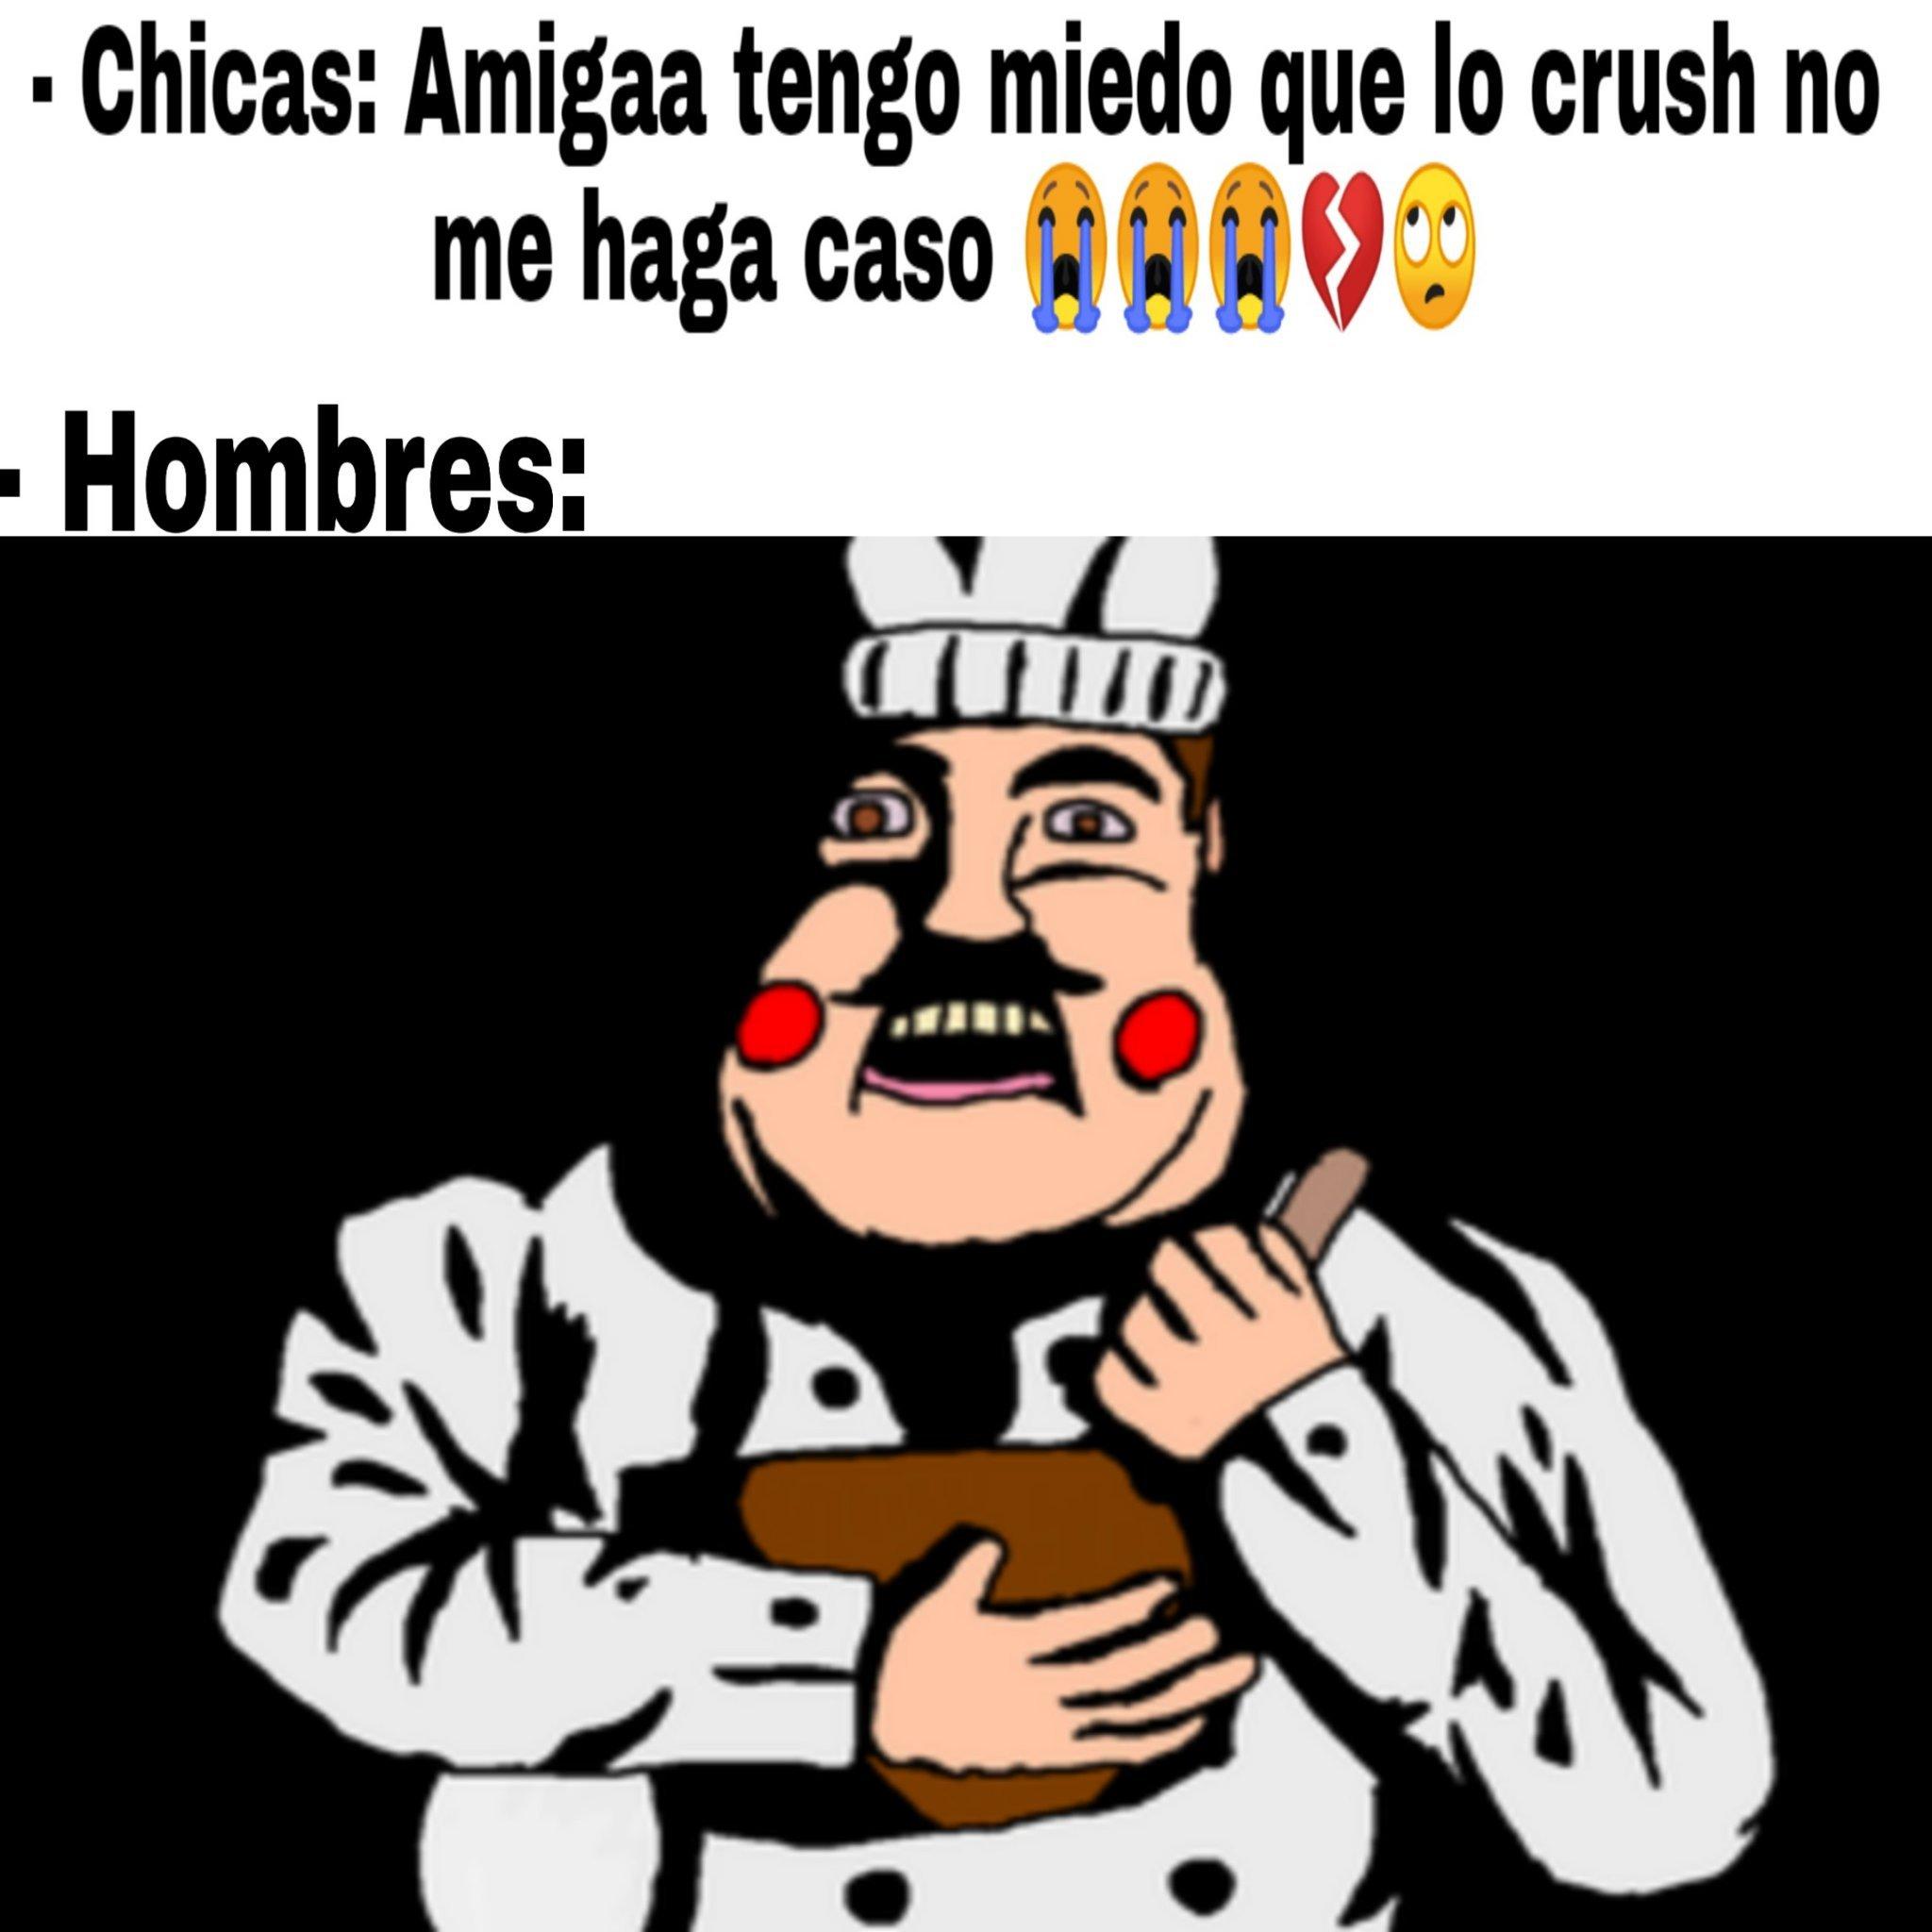 Viejos recuerdos - meme